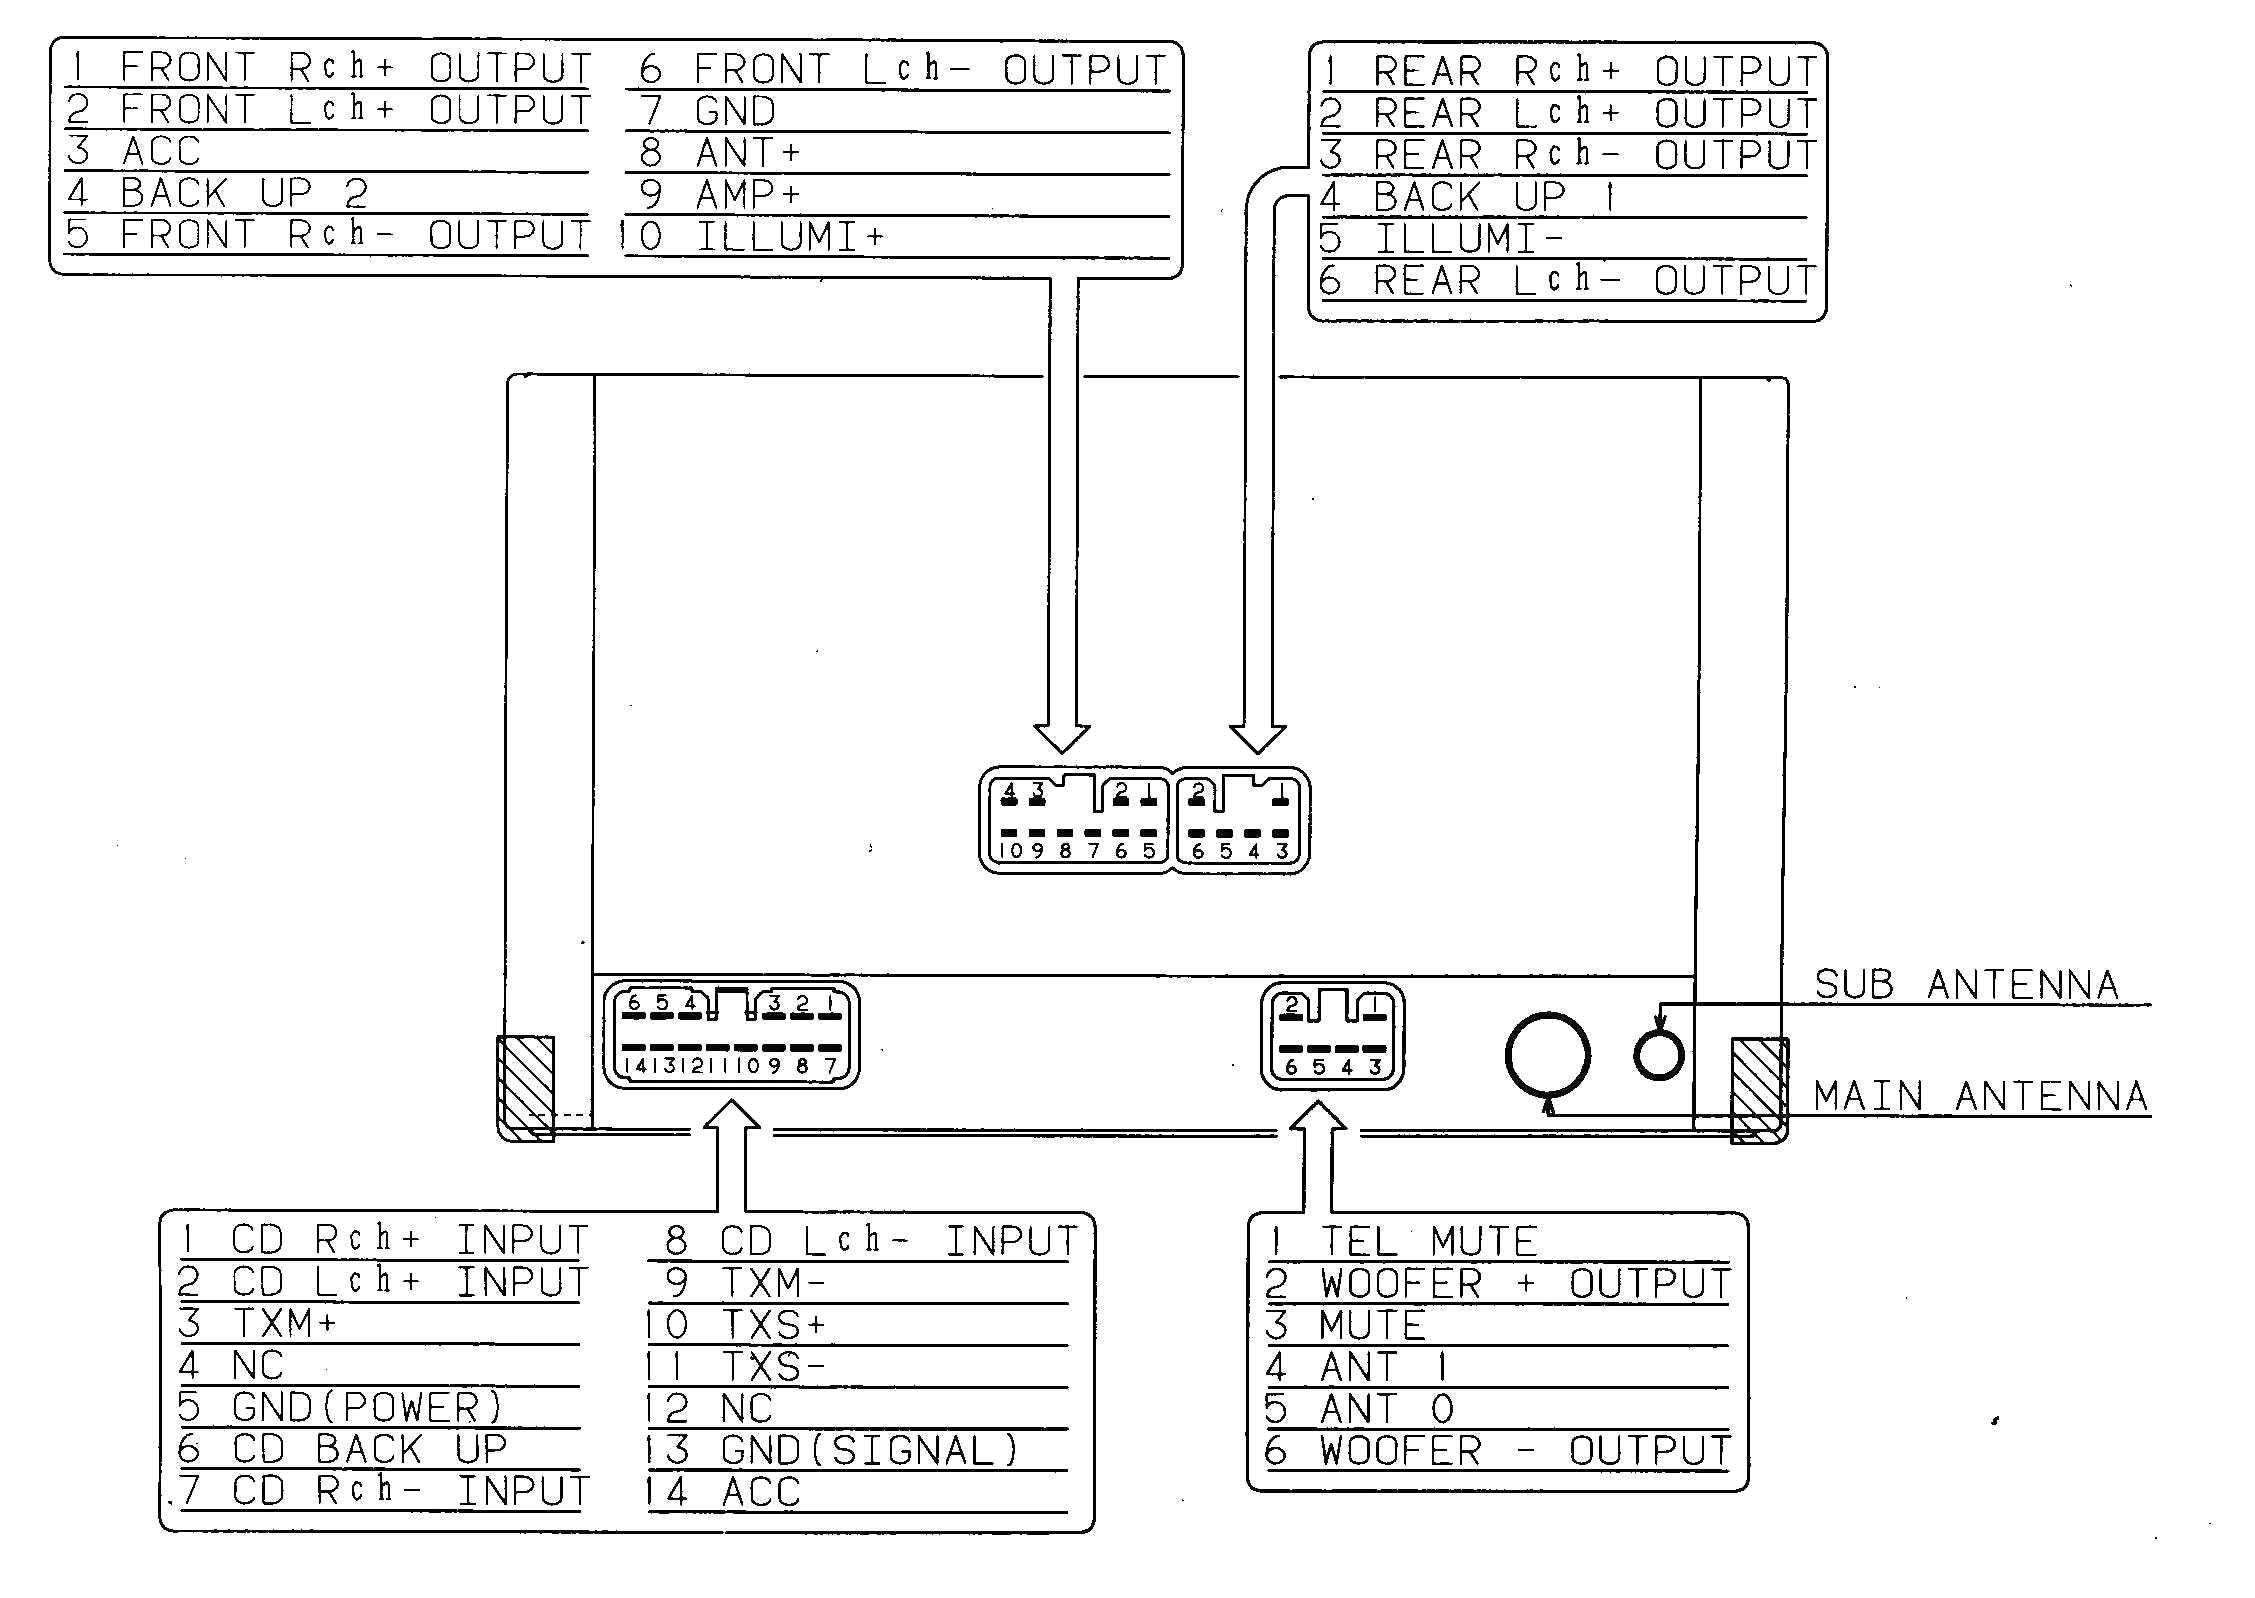 Pioneer Avic N1 Wiring Diagram - 2007 Chevy 550 Fuse Box for Wiring Diagram  SchematicsWiring Diagram Schematics